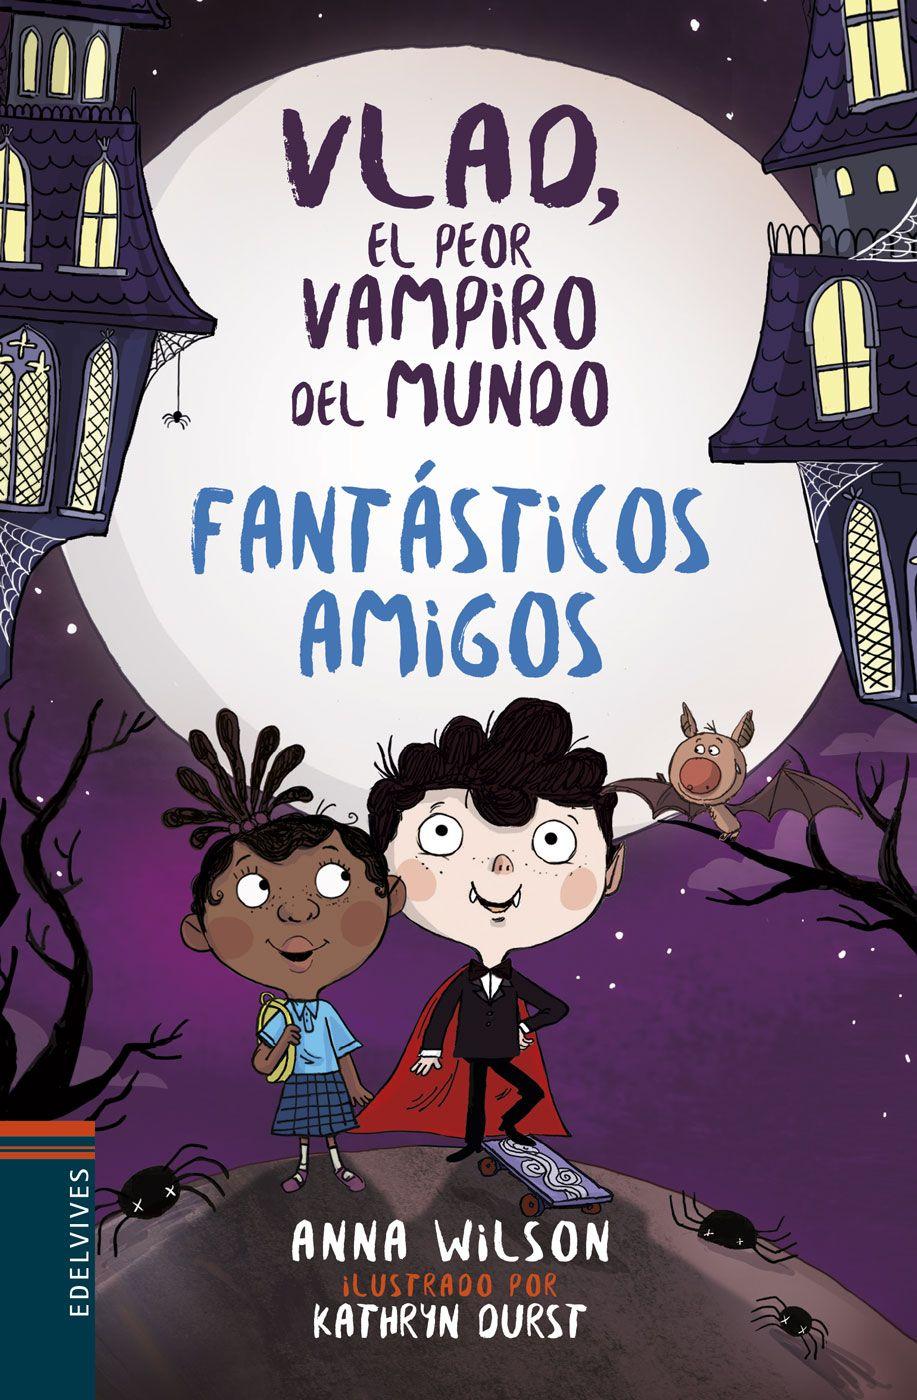 Fantásticos Amigos Cómics Infantiles Baula Vampiro